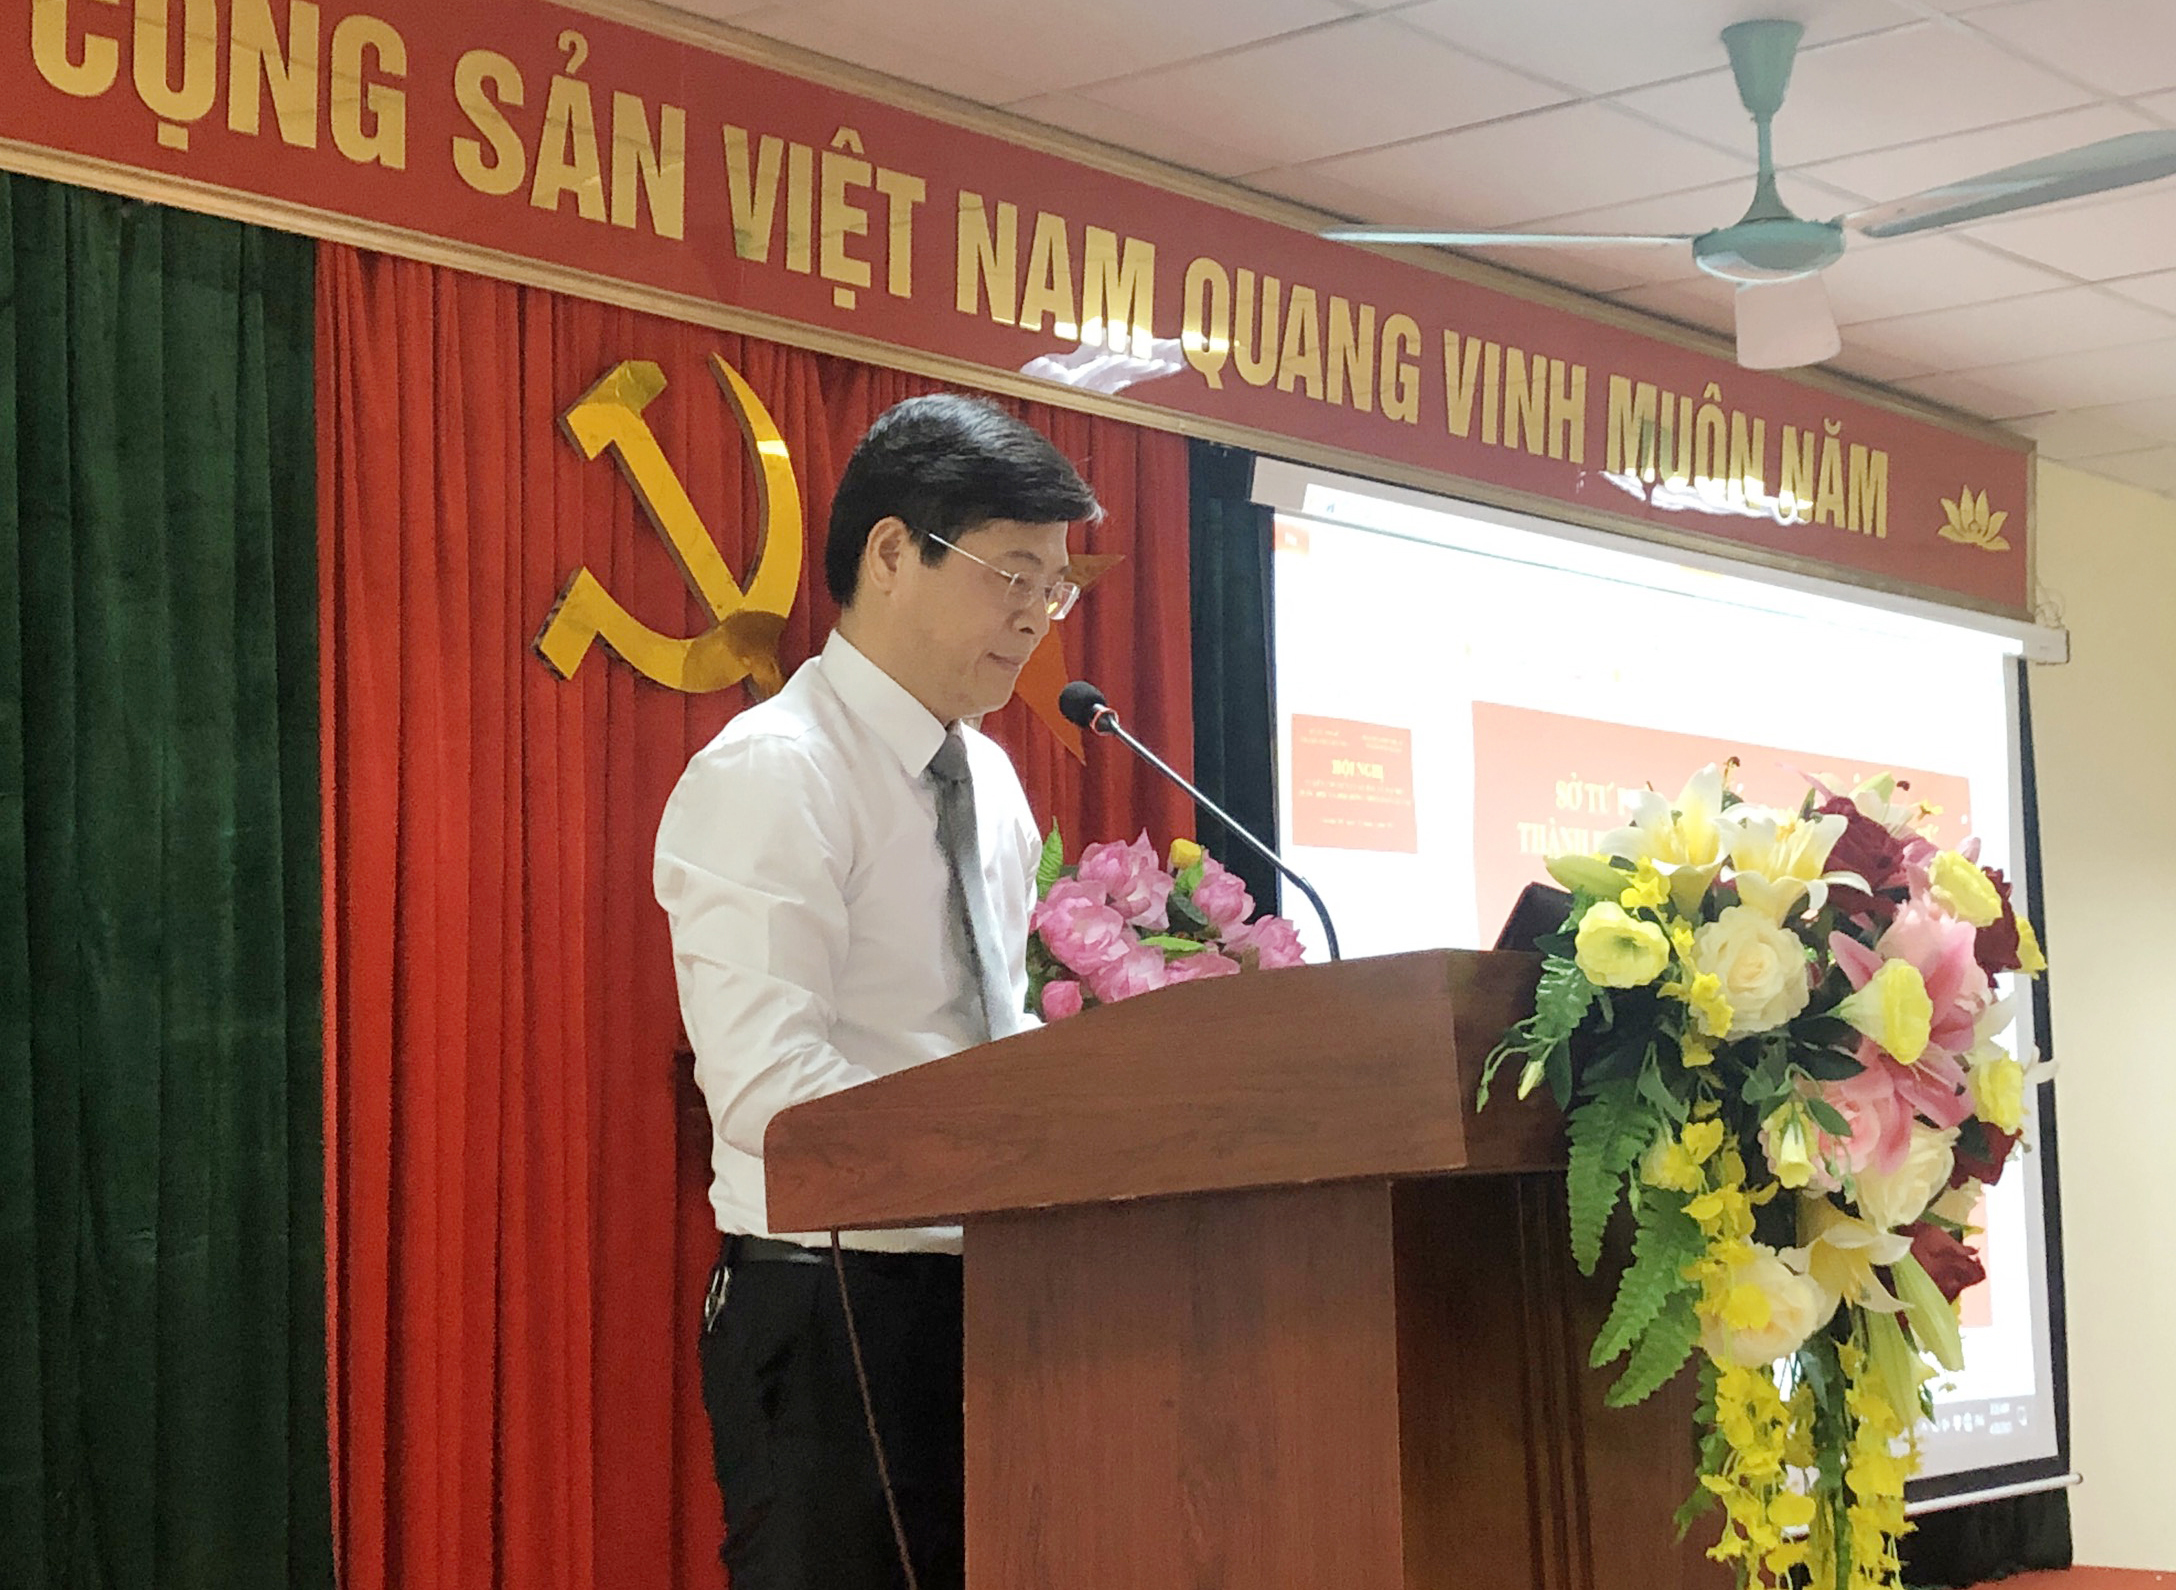 Thạc sĩ, luật sư Nguyễn Văn Hà báo cáo viên tại Hội nghị